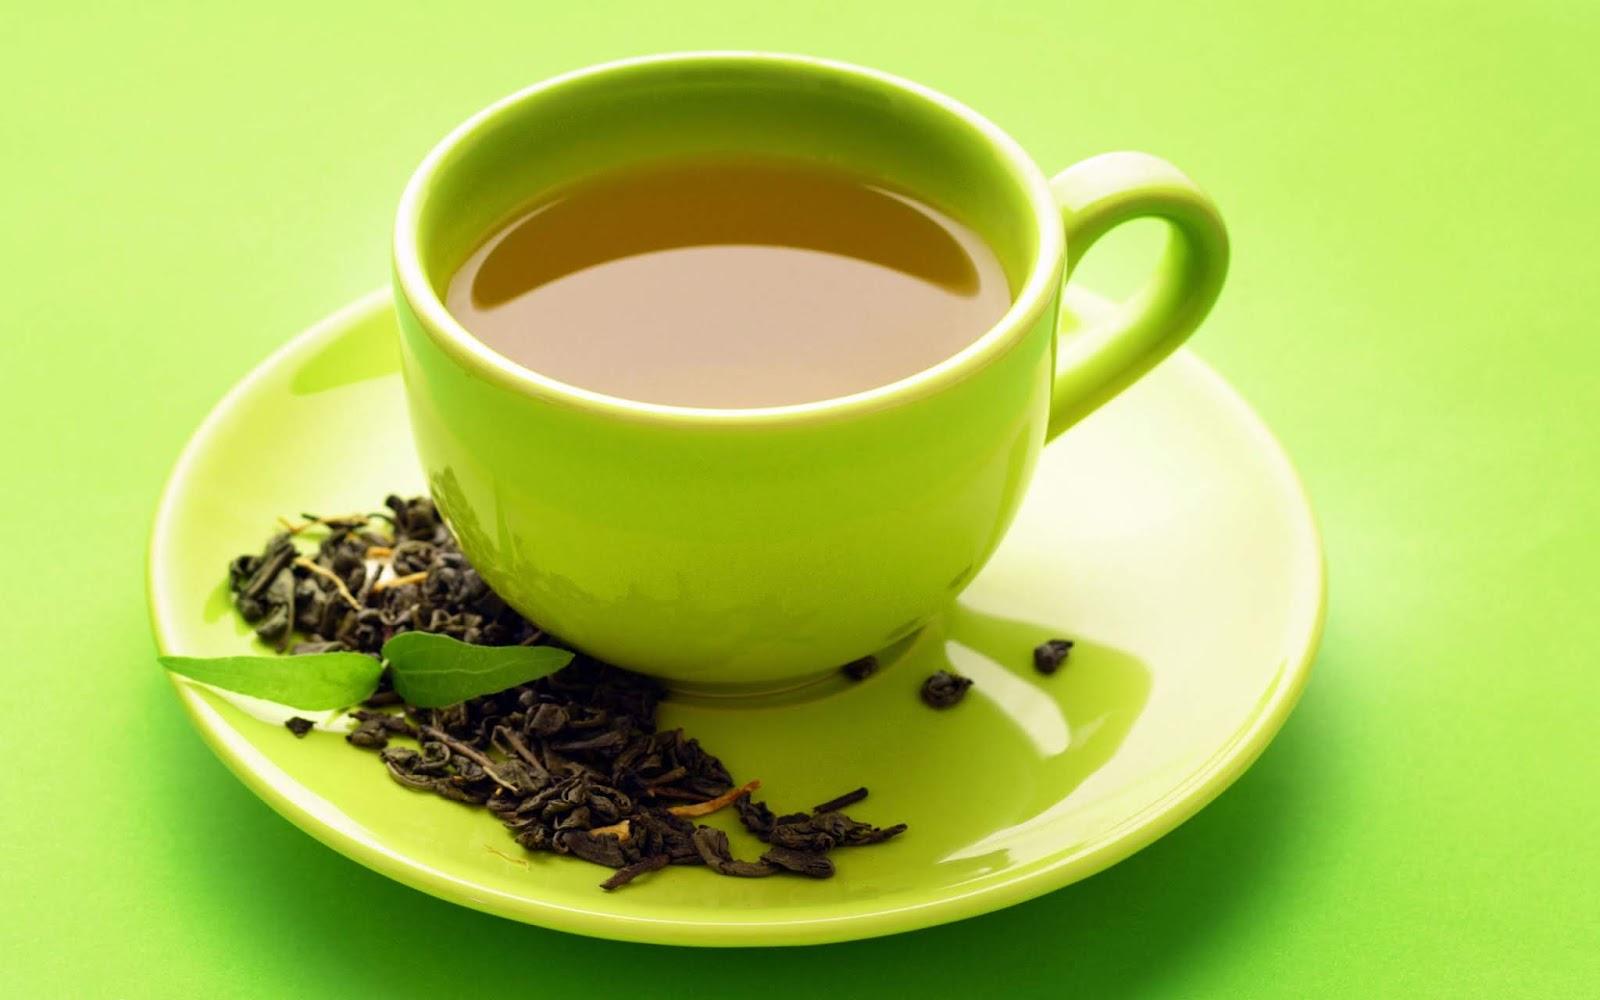 اضرار شرب الشاي , شرب الشاي الاخضر على الريق , كثرة شرب الشاي , شرب الشاي الاخضر بعد الاكل , شرب الشاي على الريق , شرب الشاي الاخضر , اوقات شرب الشاي الاخضر , فوائد شرب الشاي الاخضر , افضل وقت لشرب الشاي الاخضر , فوائد شرب الشاي , فوائد شرب الشاي الاخضر على الريق